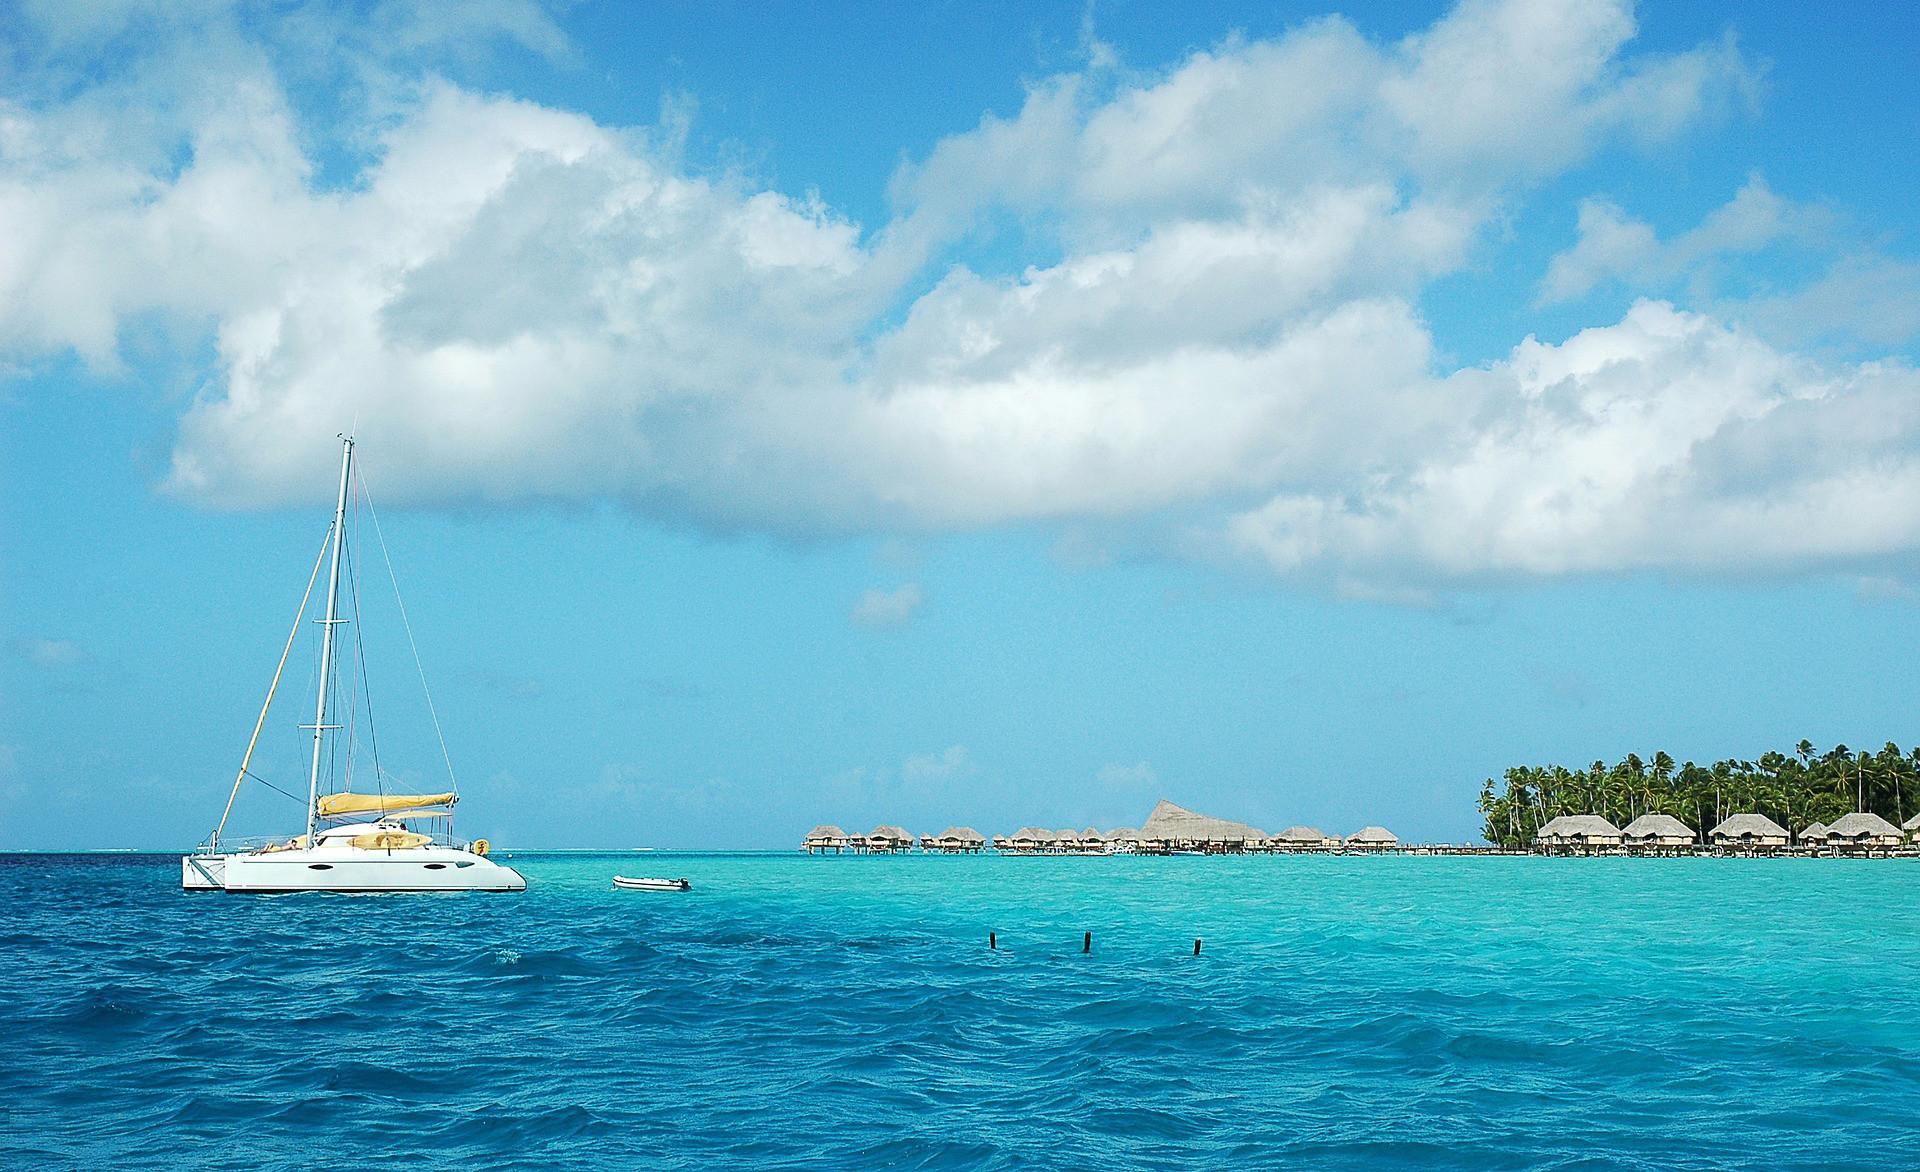 news-main-38-paquebots-de-24-compagnies-differentes-attendus-en-2019-dans-les-eaux-tahitiennes.1551283214.jpg